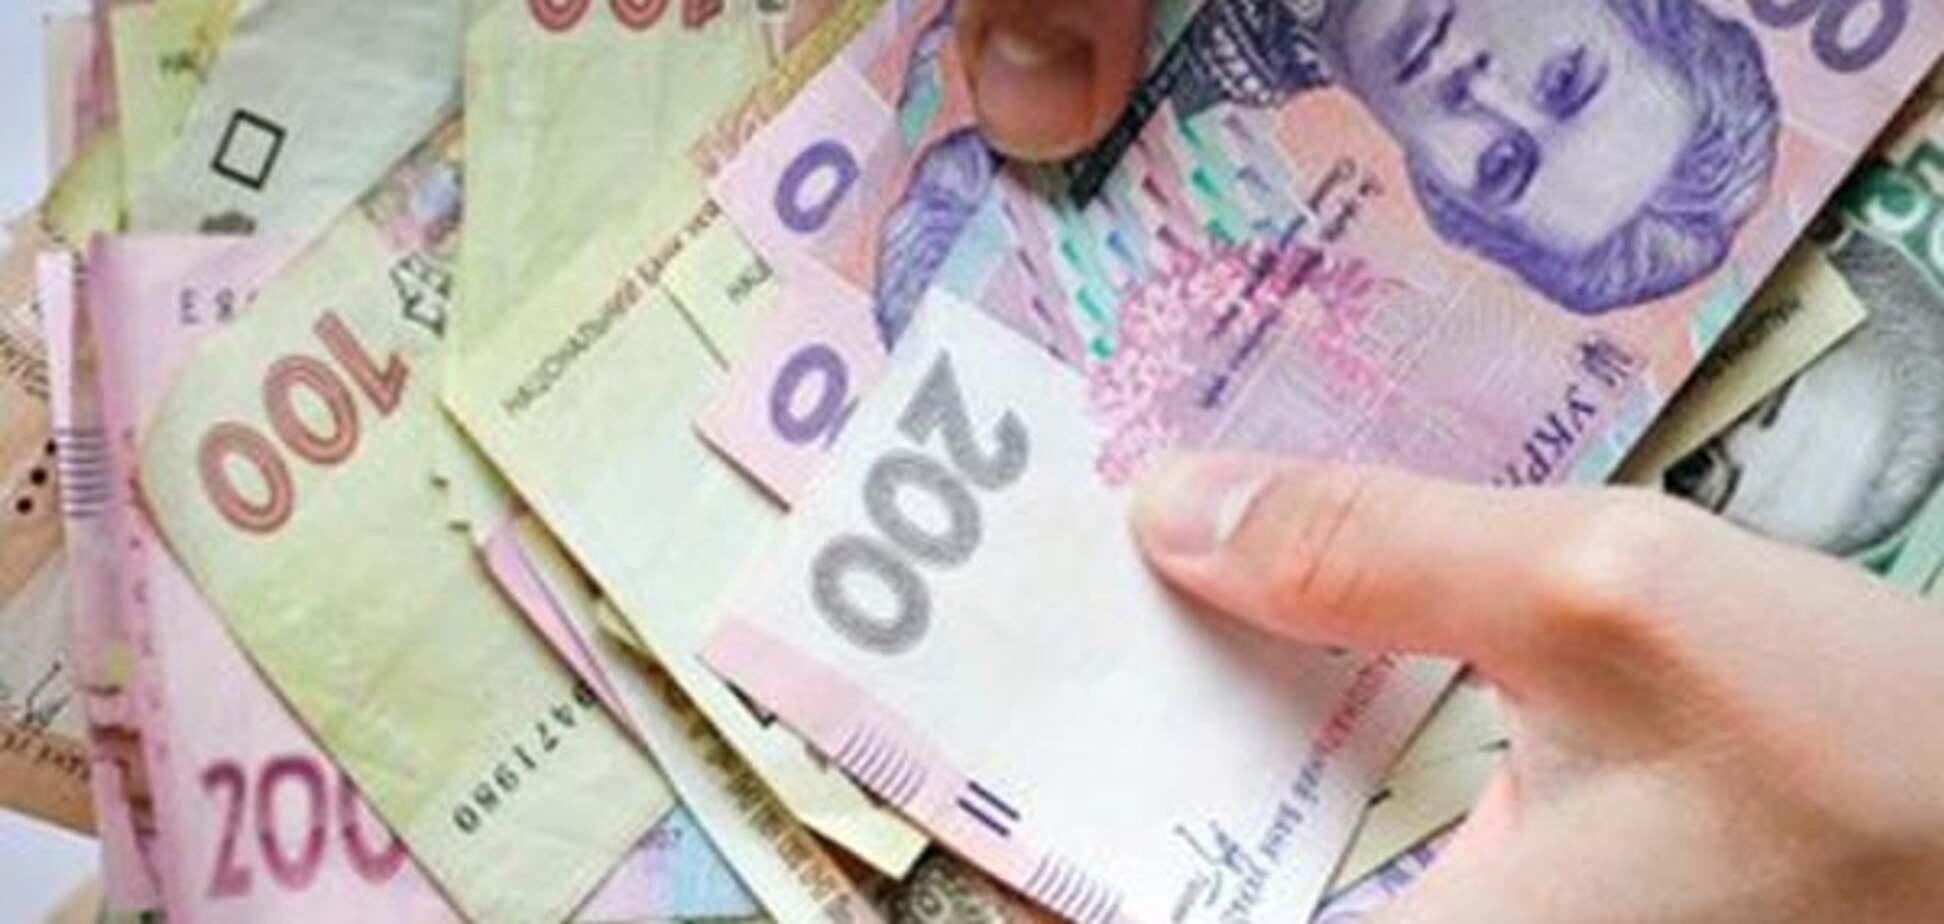 Гривня стала лидером по девальвации на прошлой неделе — Bloomberg